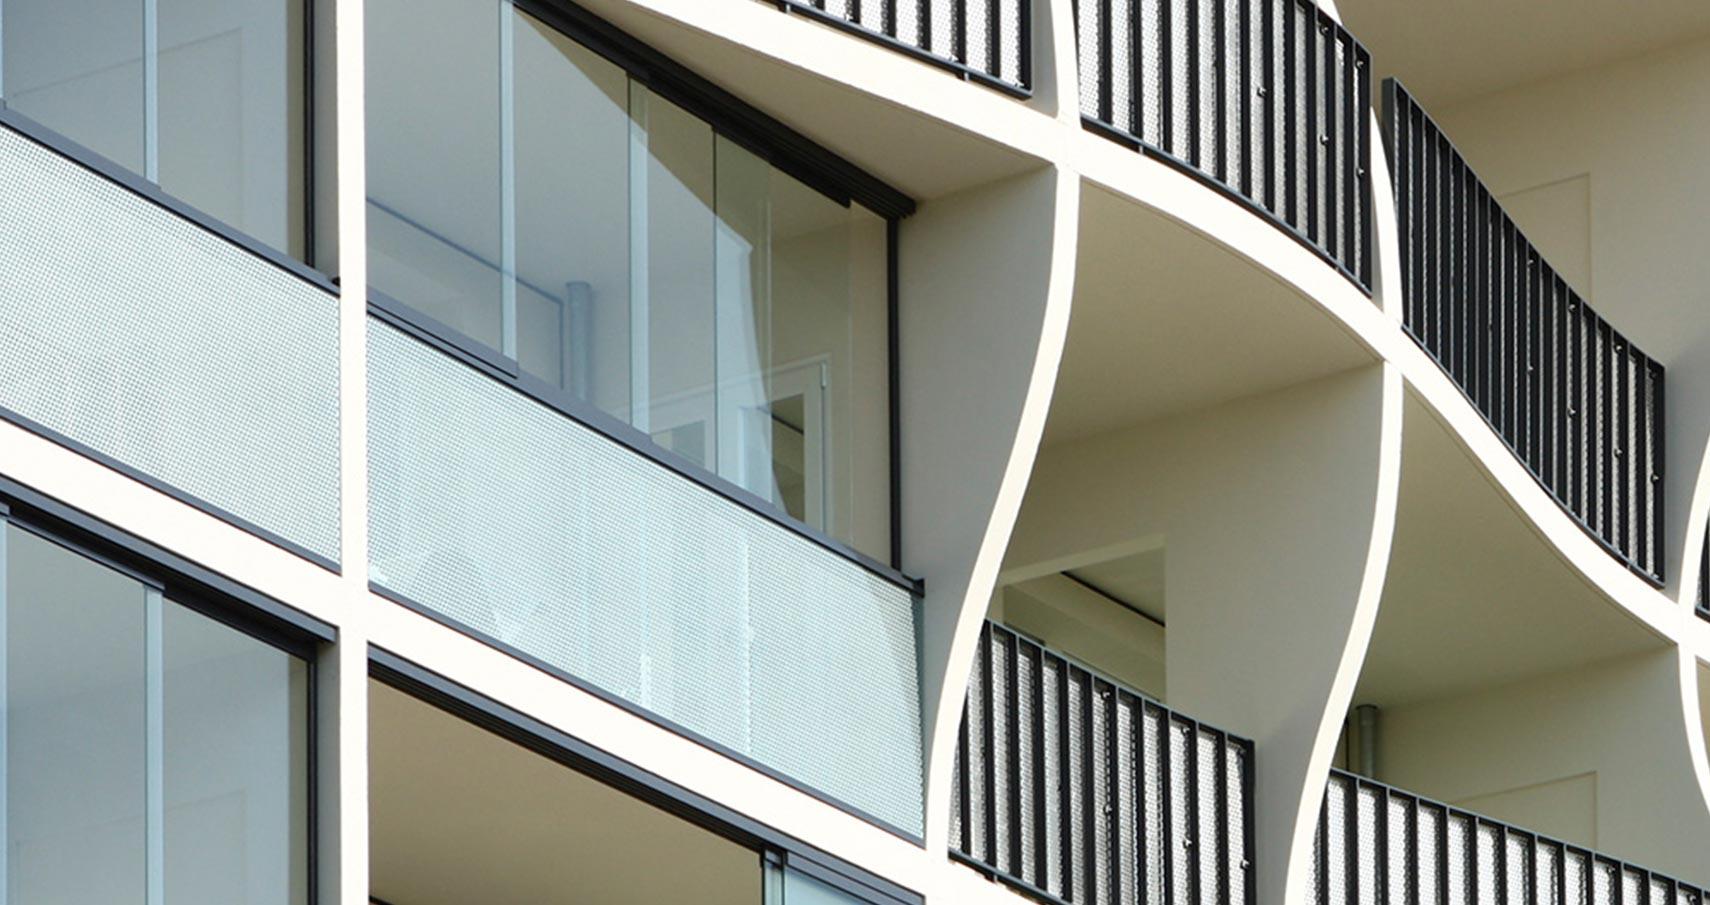 GM Winter Garden Balcony Glazed Systems